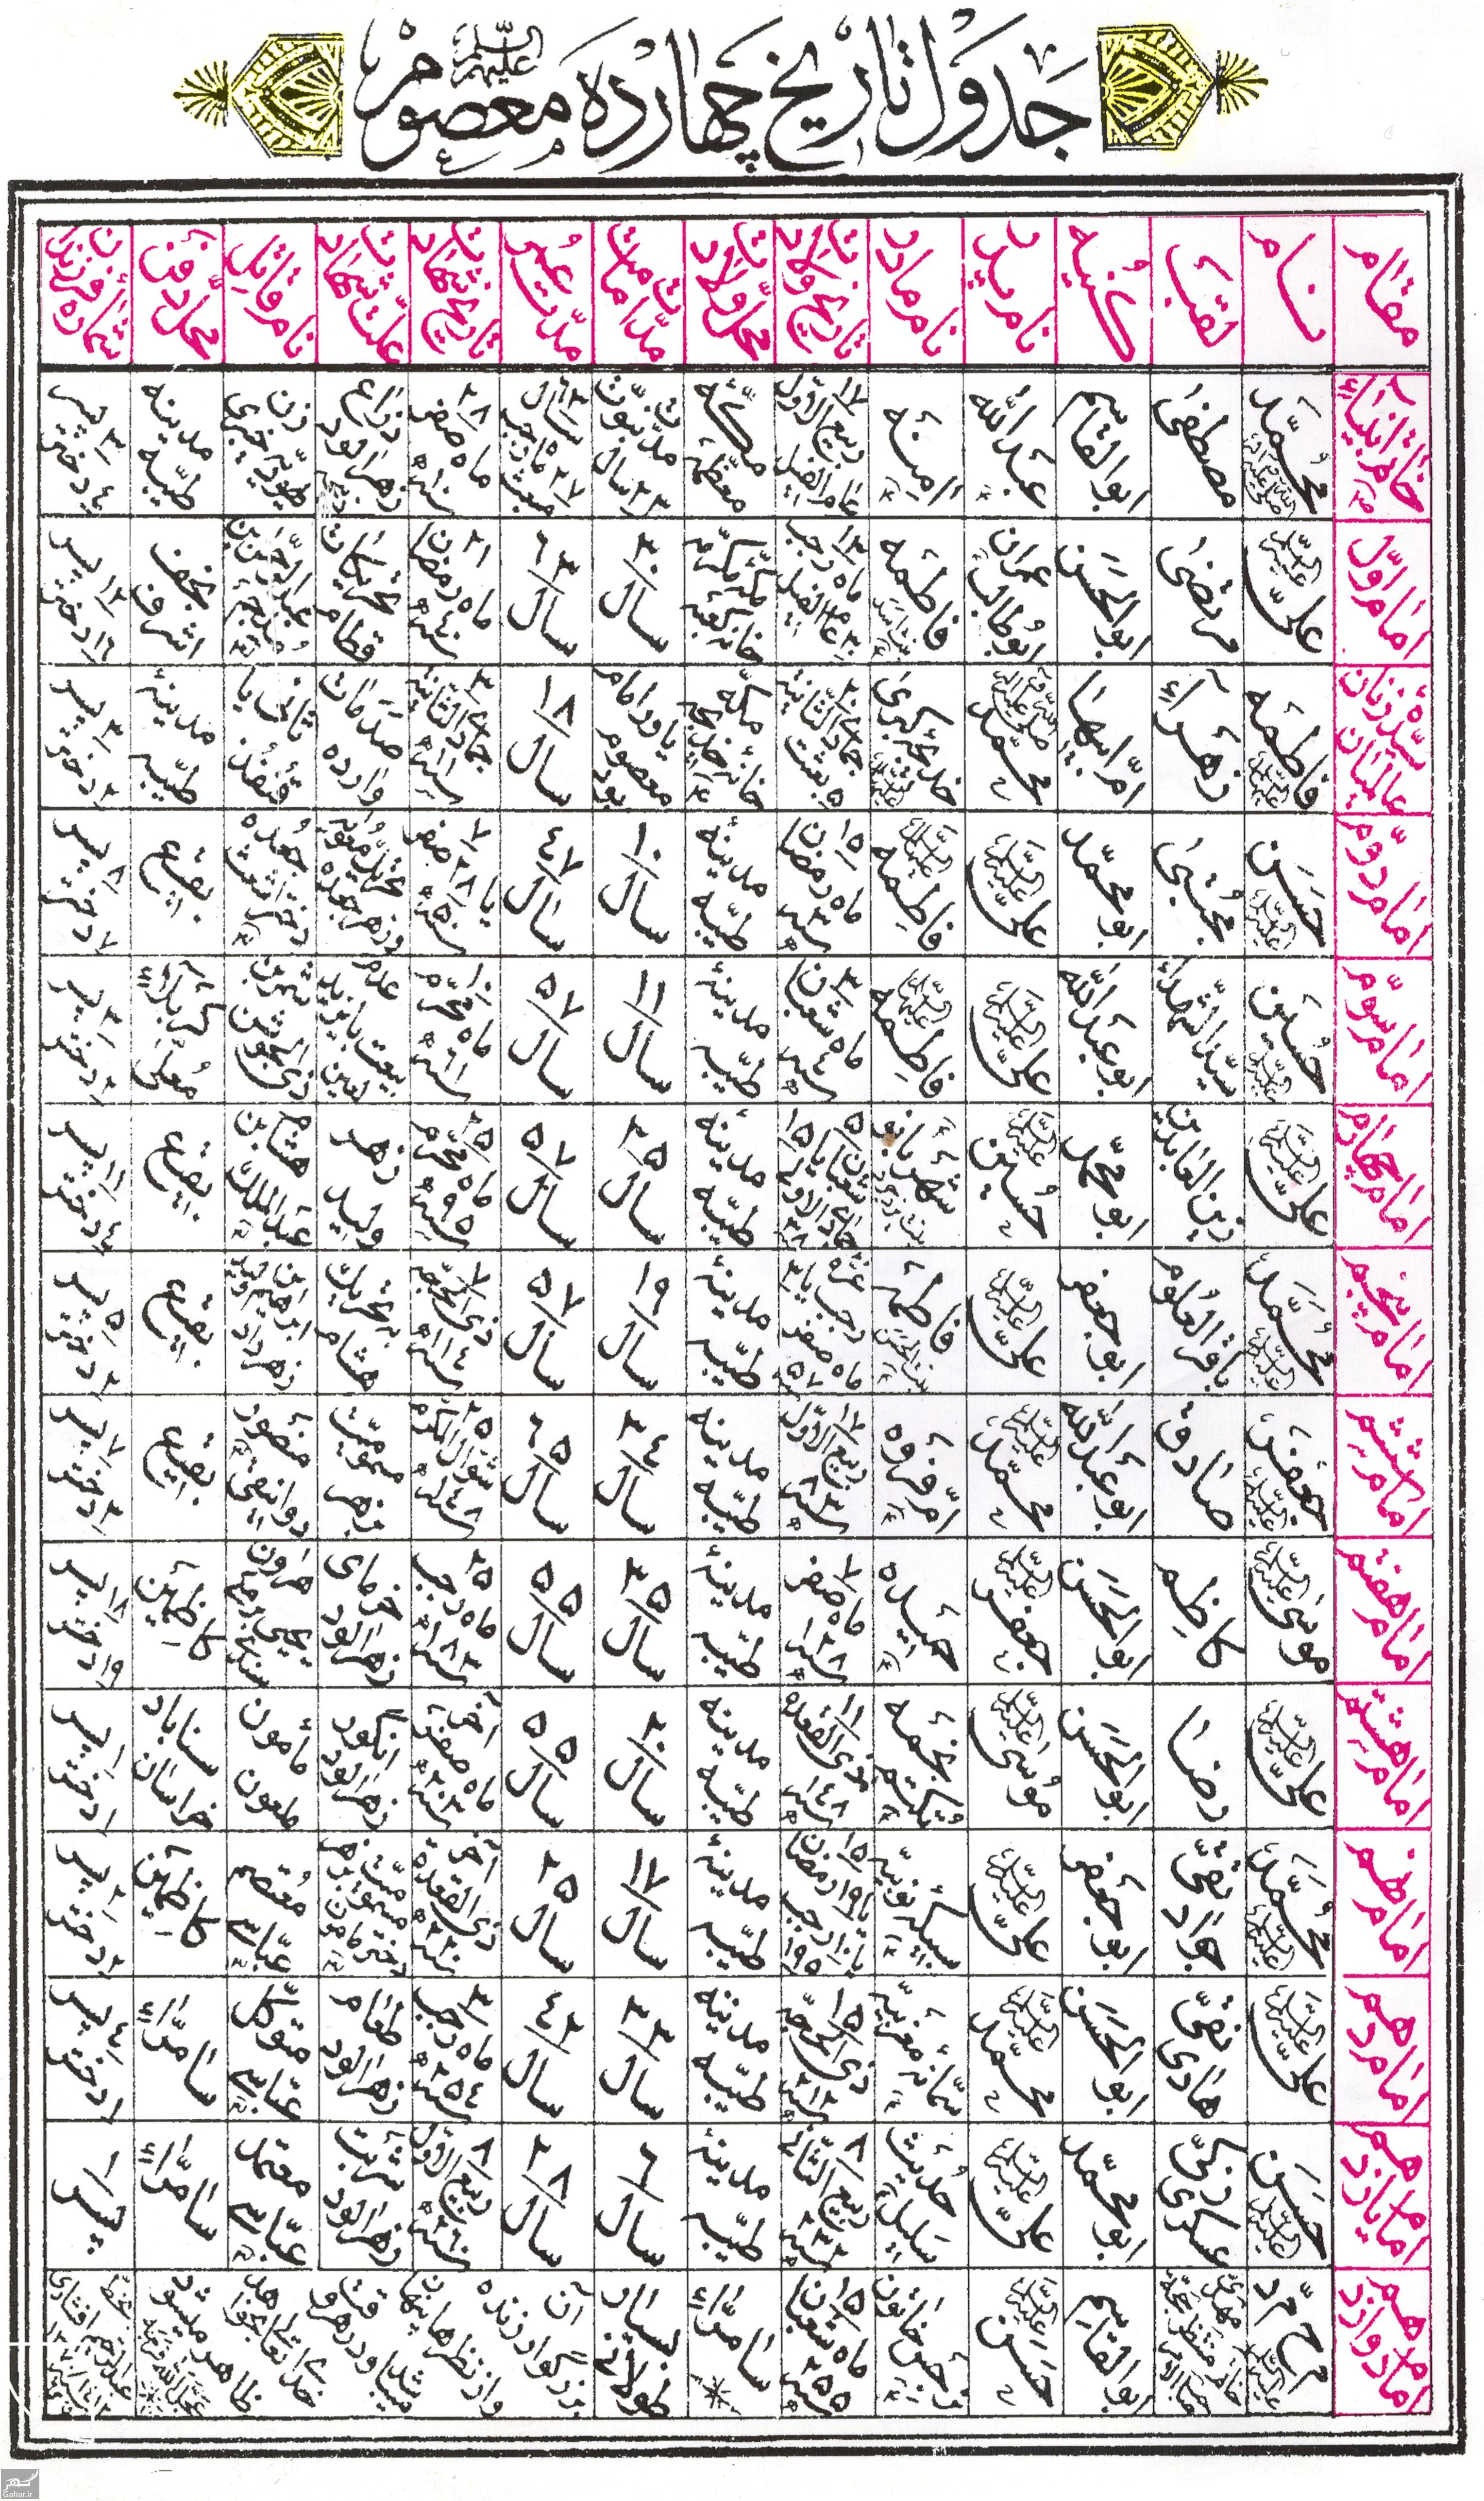 077548 Gahar ir جدول مشخصات کامل دوازده امام